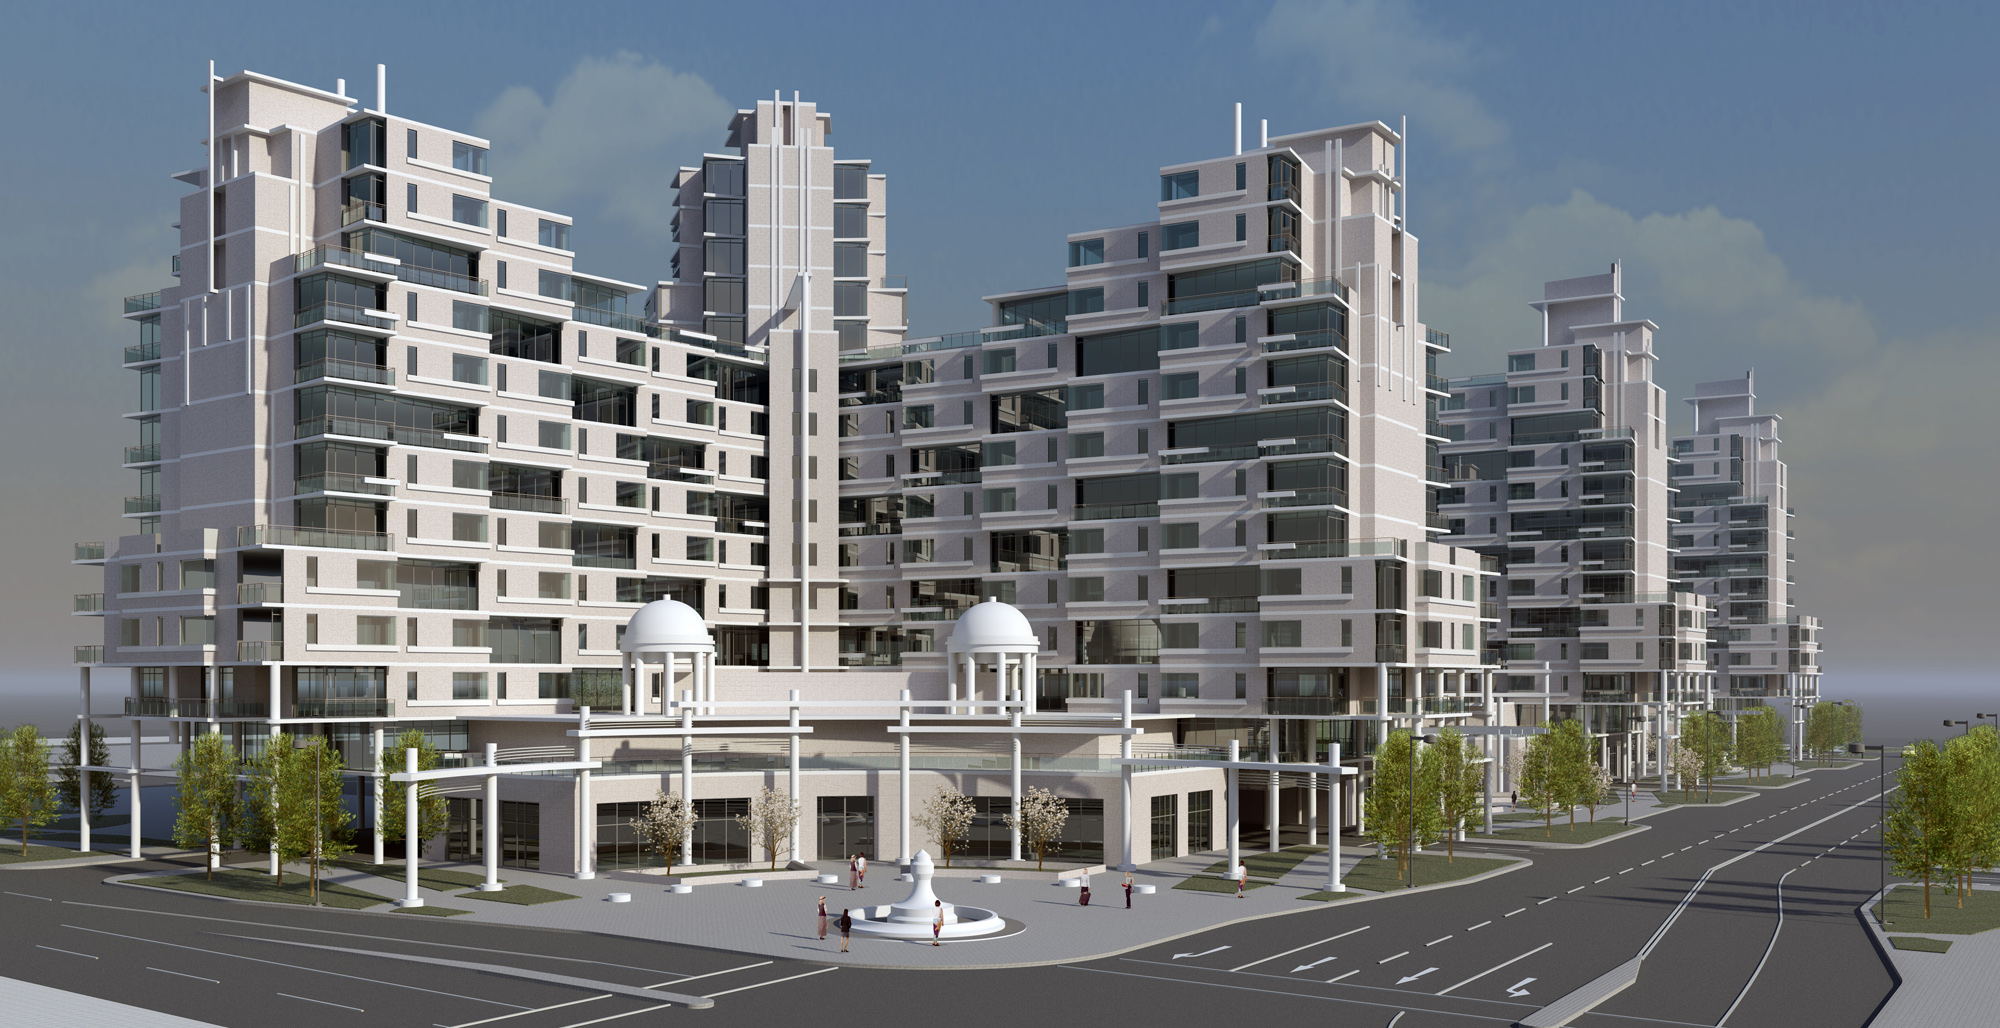 Проект многоквартирного жилого комплекса в North York